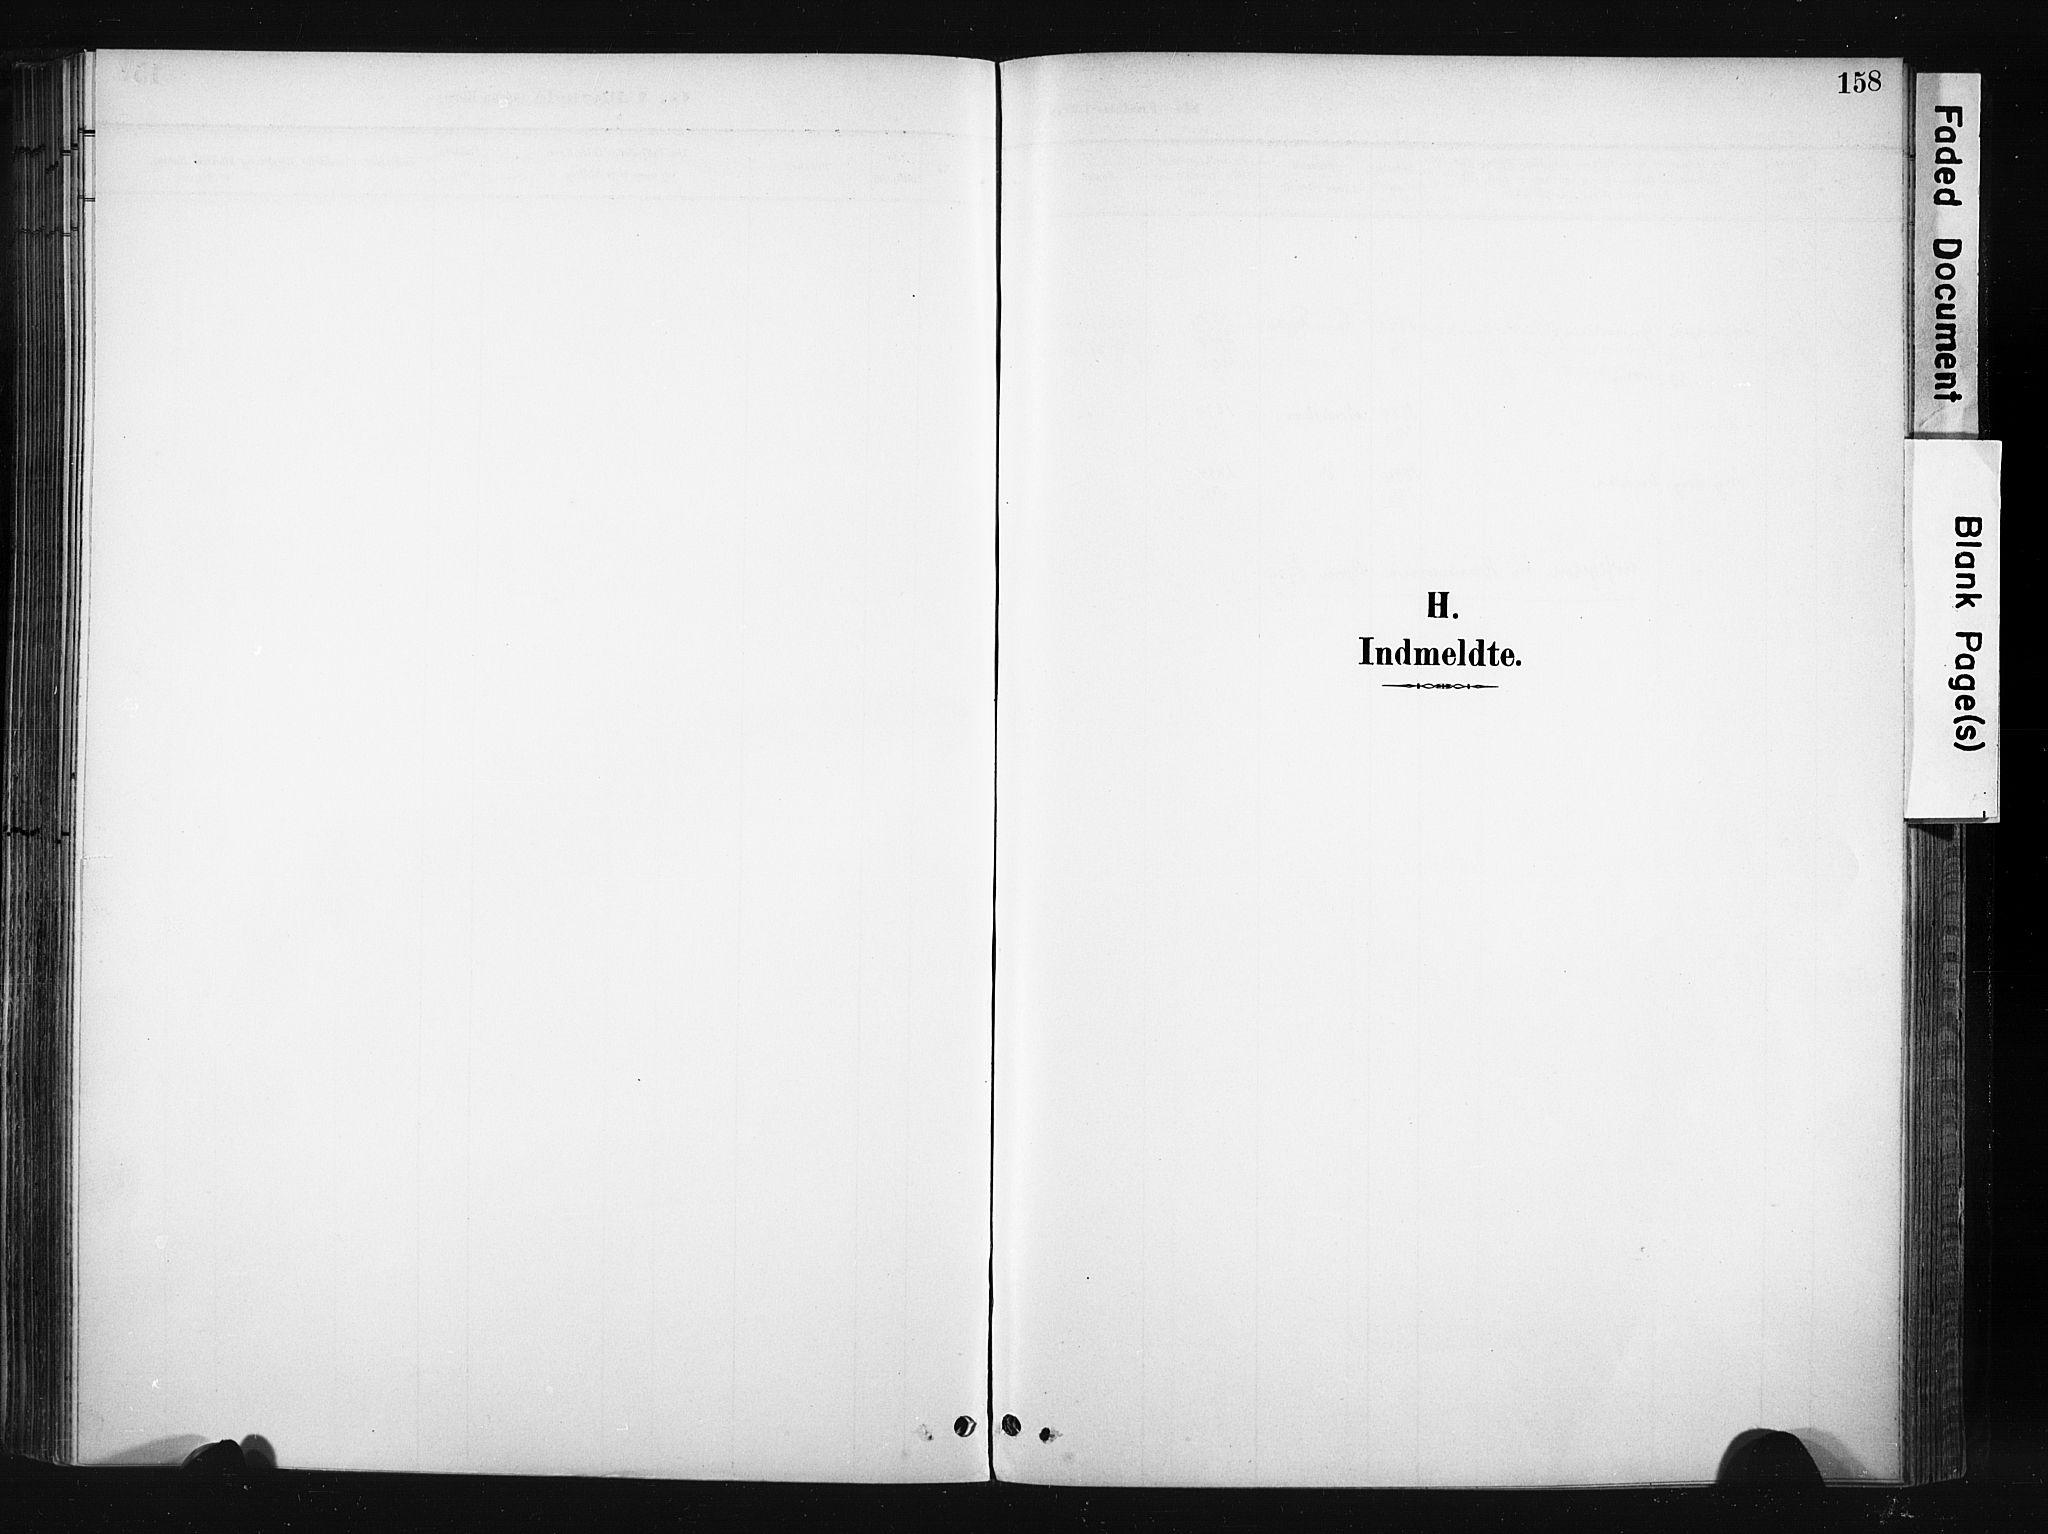 SAH, Søndre Land prestekontor, K/L0004: Ministerialbok nr. 4, 1895-1904, s. 158